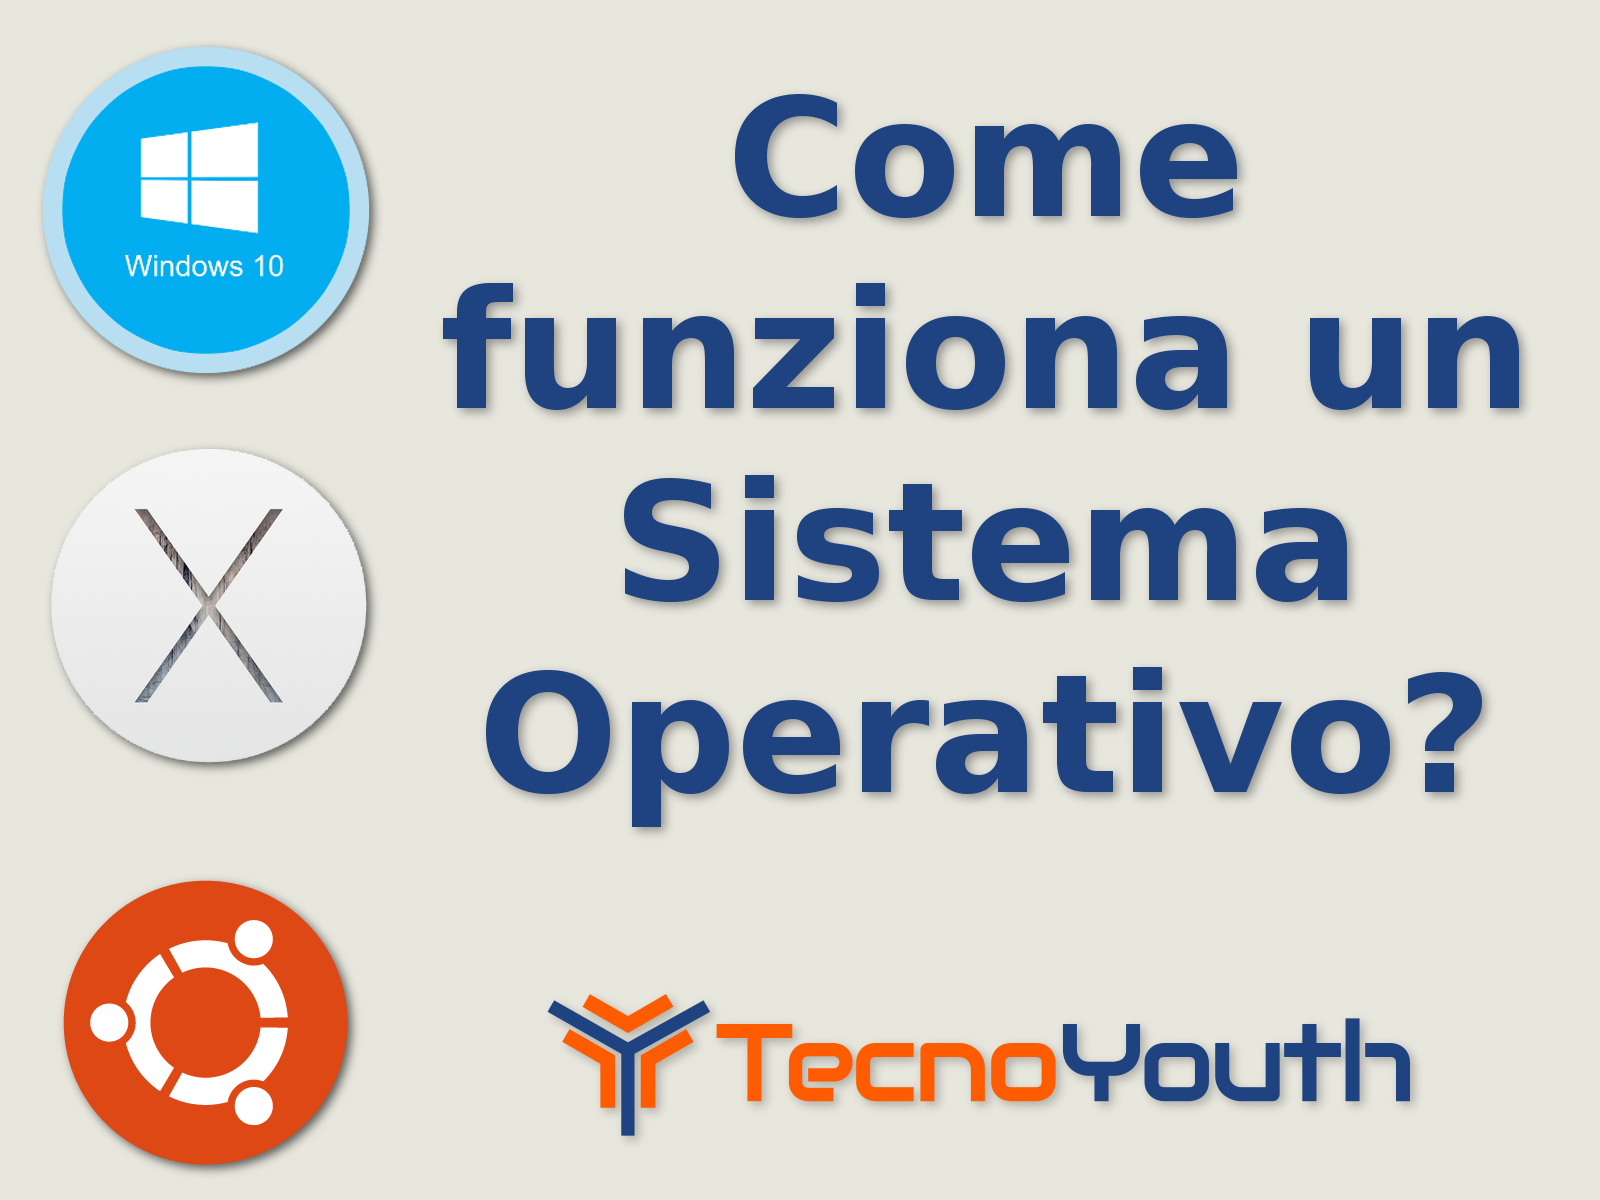 come funziona un sistema operativo 2